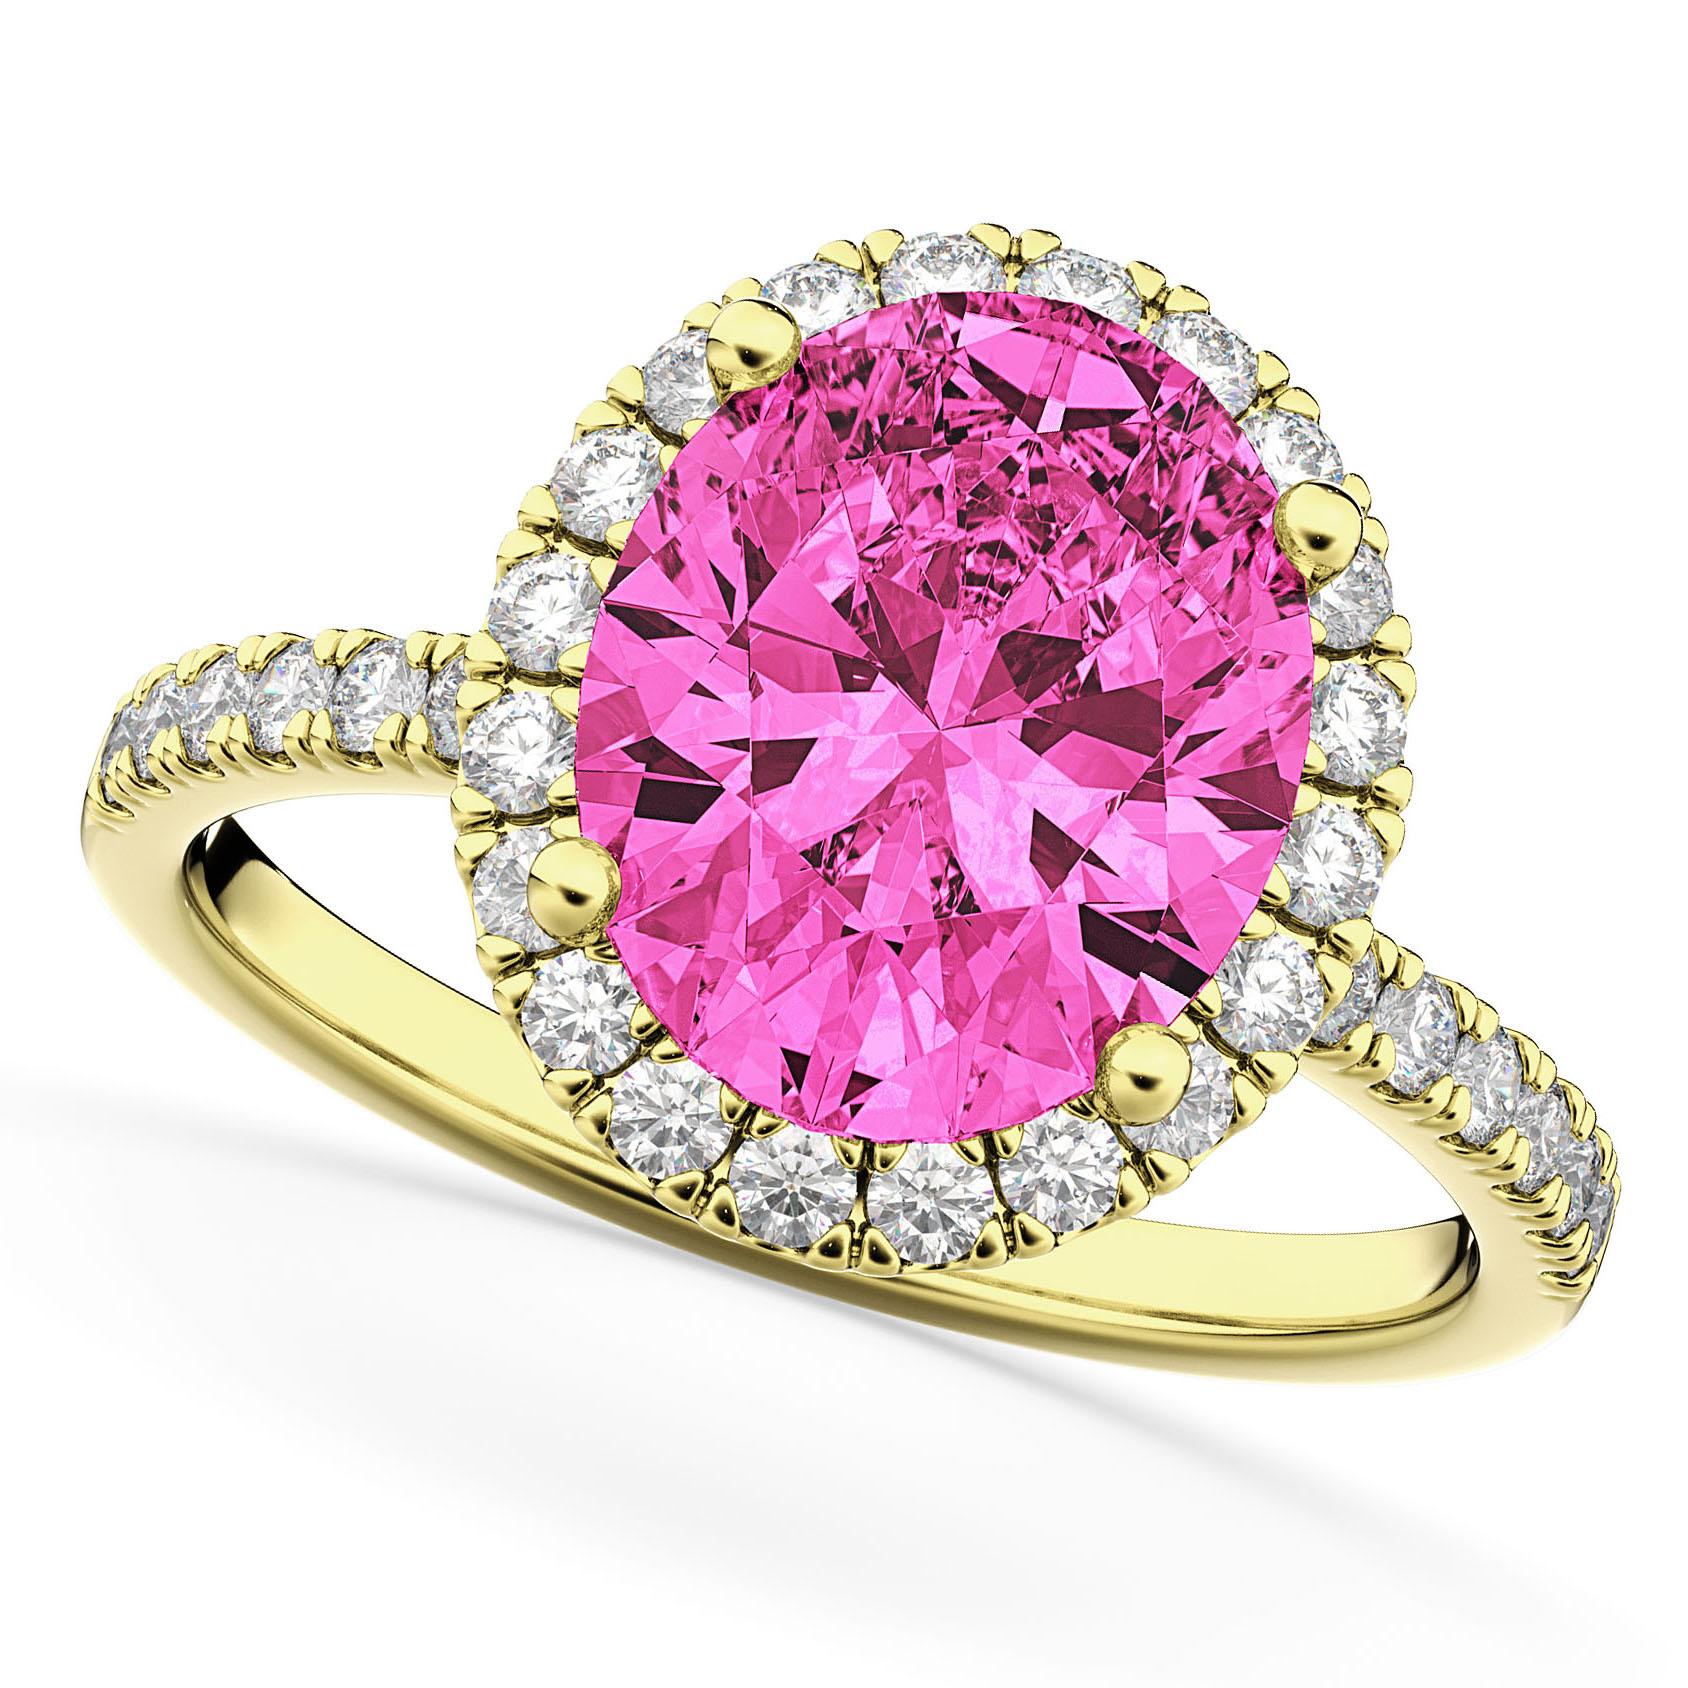 Oval Cut Halo Pink Tourmaline & Diamond Engagement Ring 14K Yellow Gold 3.41ct